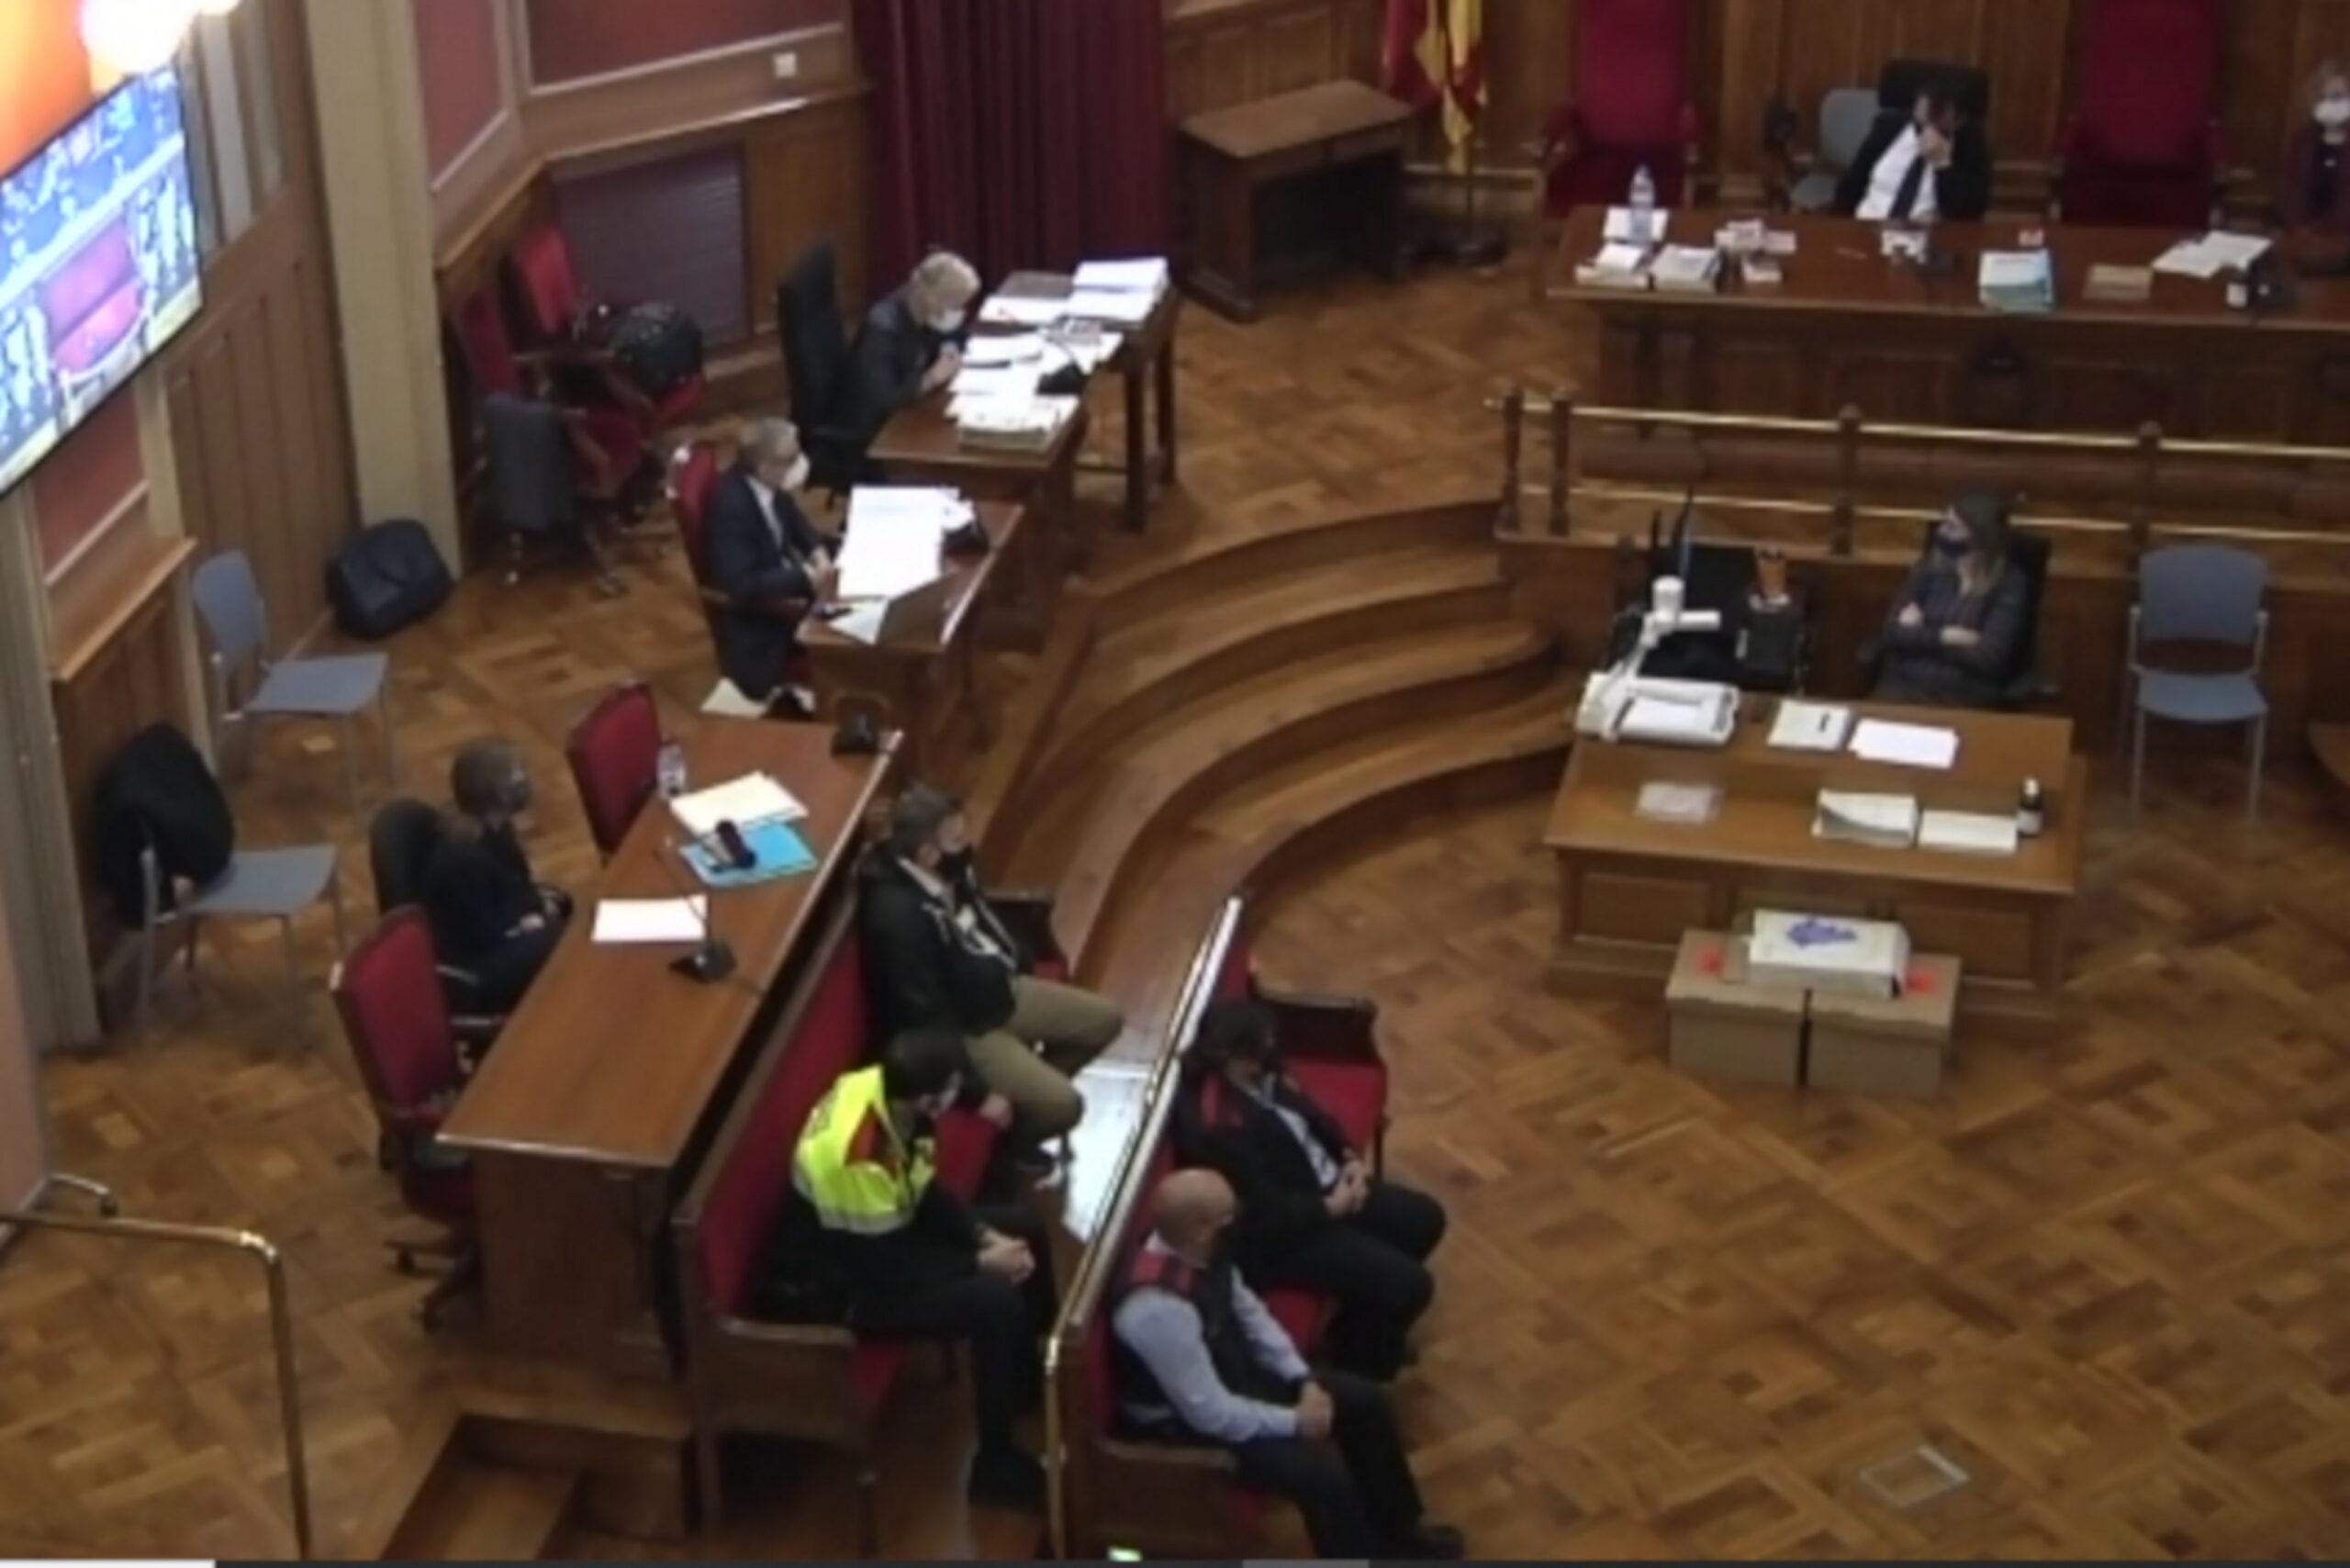 Judici a l'assassí confés d'una nena de 13 anys a Vilanova i la Geltrú, en la sessió de lectura d'informes finals i dret a última paraula de l'acusat | ACN